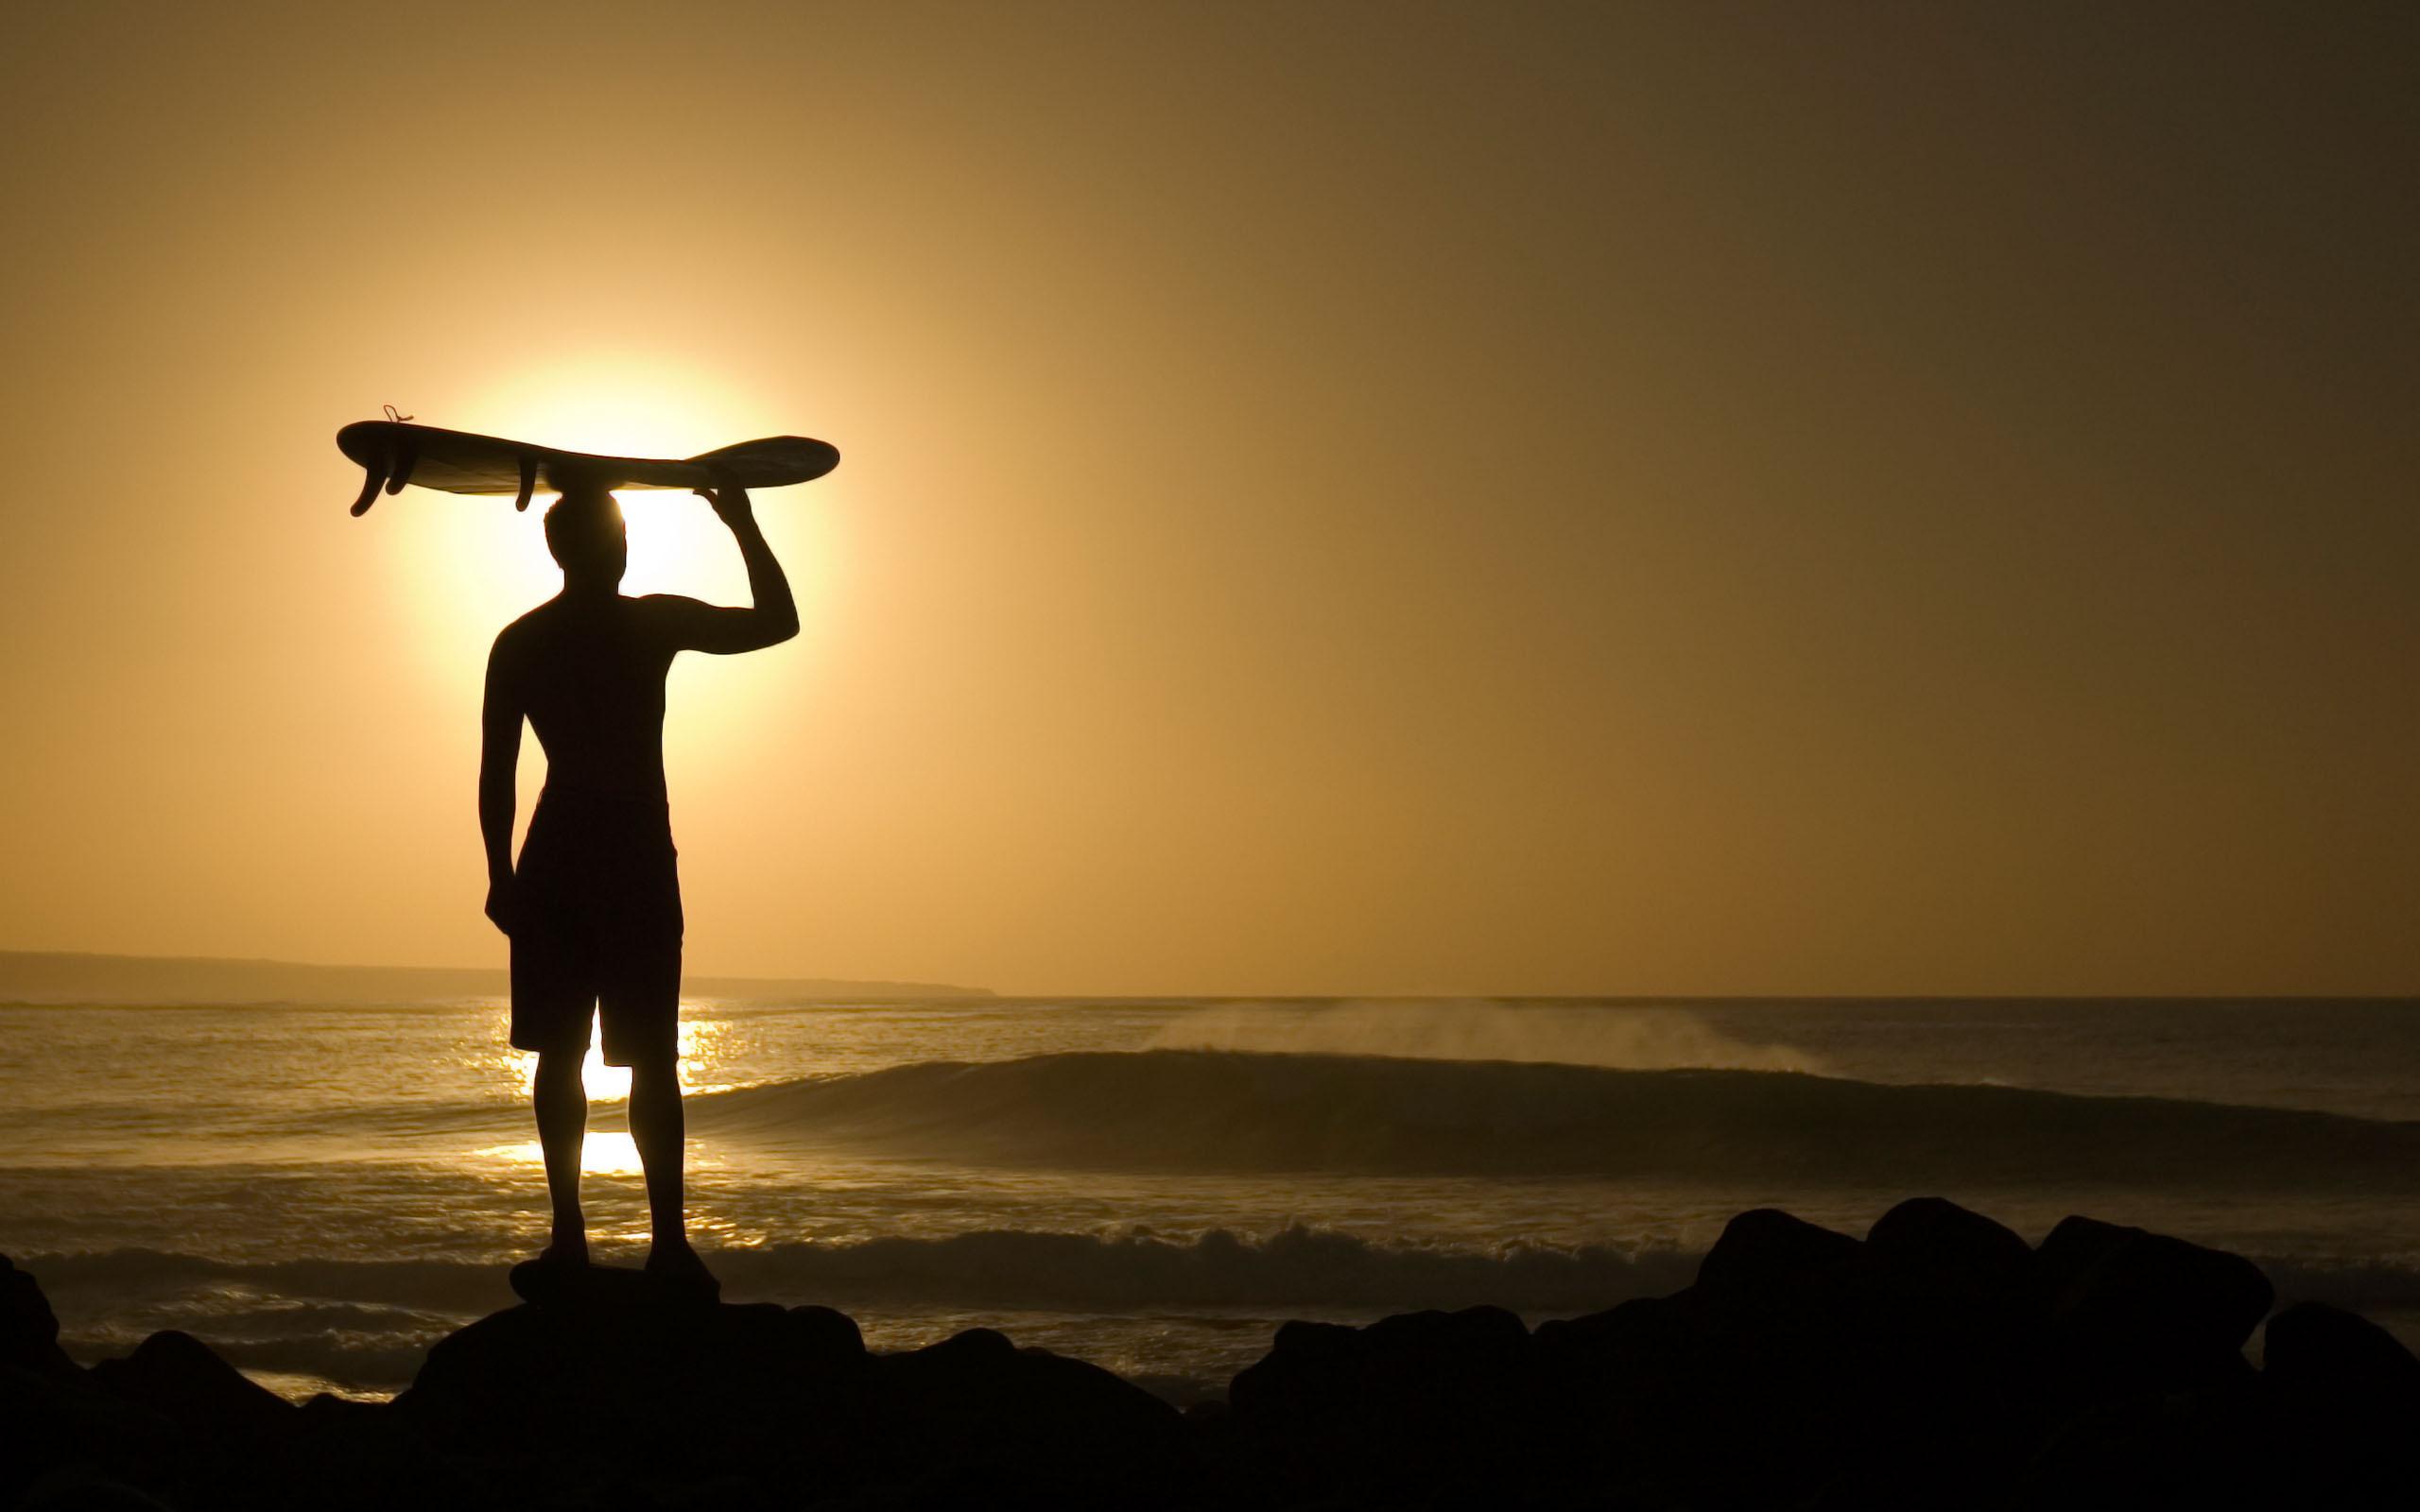 наслаждение под солнцем без смс